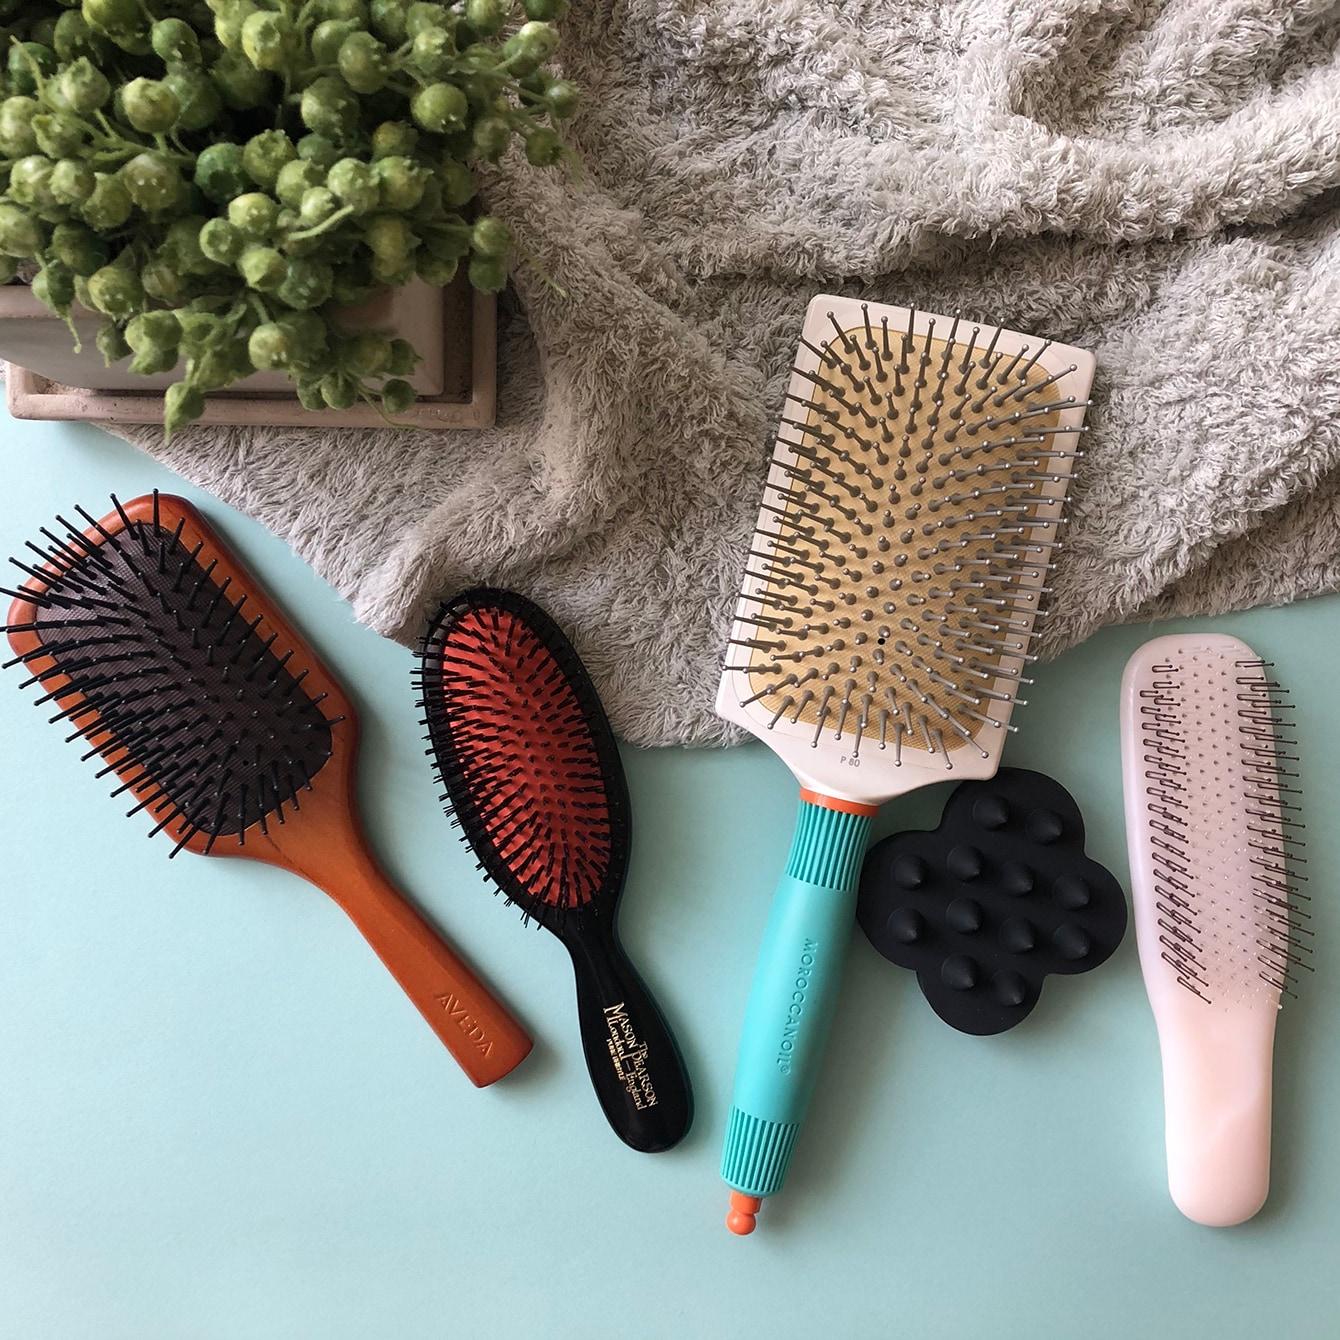 大人の髪と頭皮ケアのためのヘアドライヤー&ブラシ「投資する価値のある厳選アイテム」